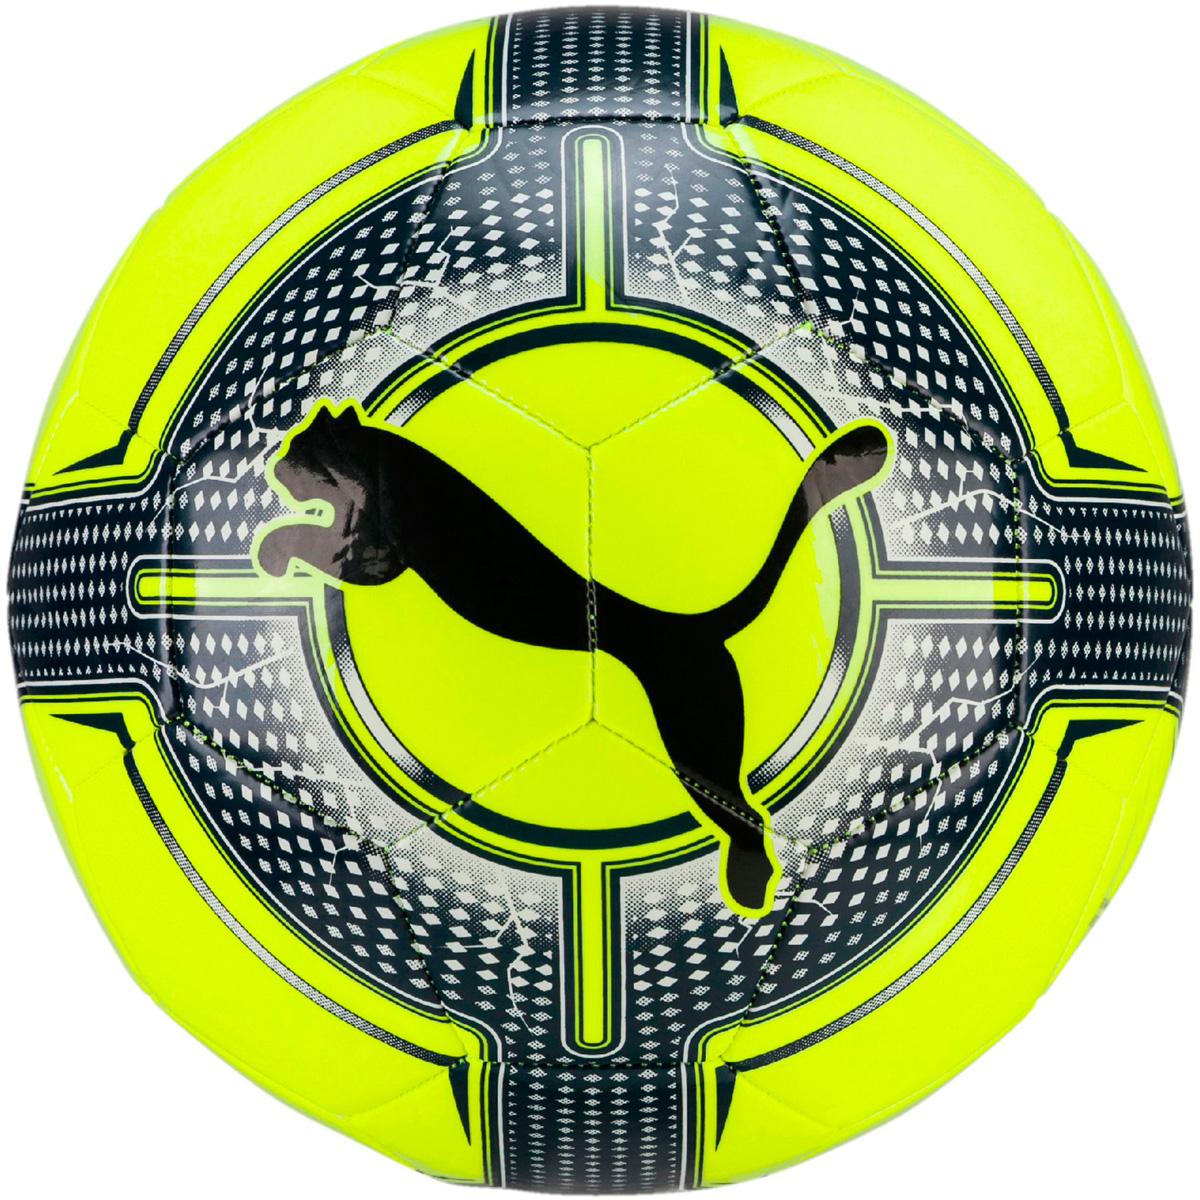 Мяч футбольный Puma Evopower 6.3 Trainer Ms, цвет желтый. 08256344. Размер 5 купить adidas la trainer украина